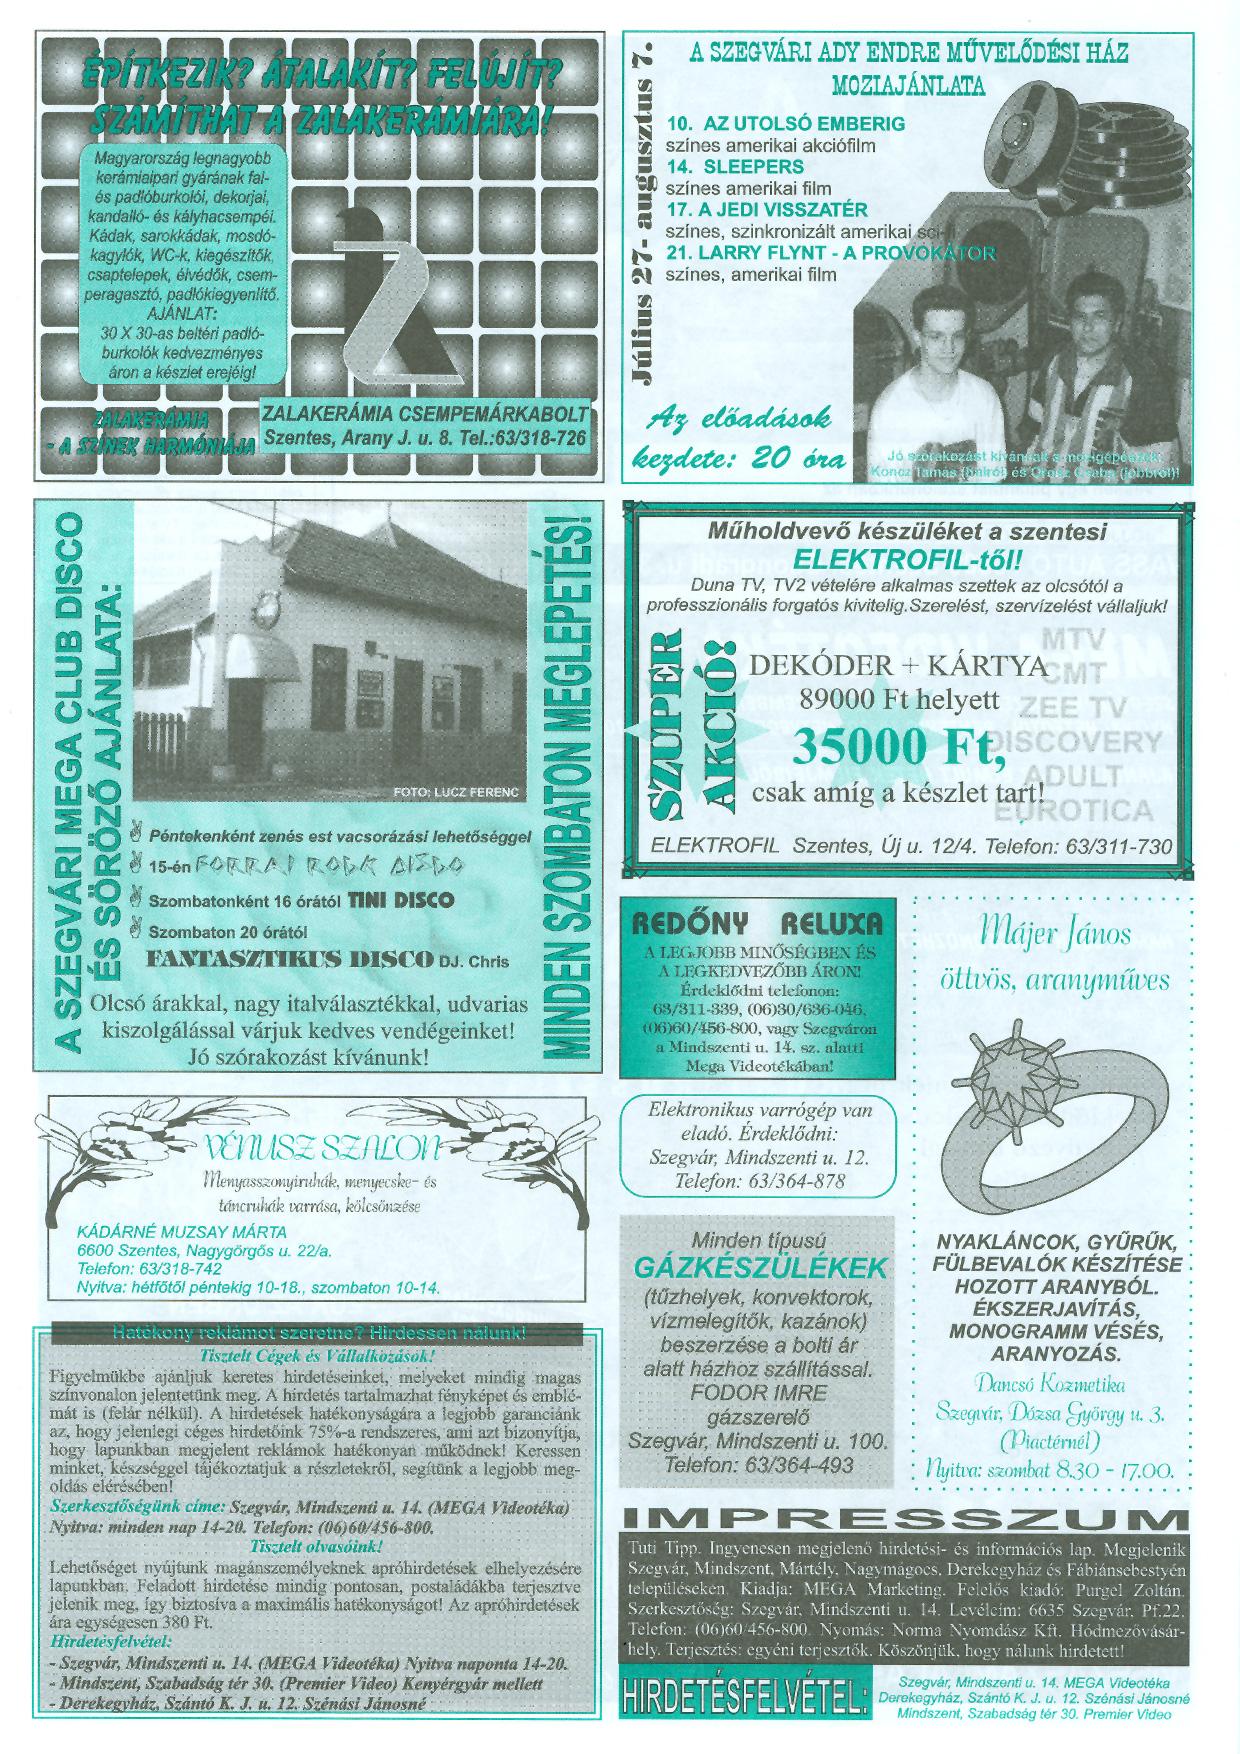 030 Tuti Tipp reklámújság - 19970809-067. lapszám - 4.oldal - III. évfolyam.jpg